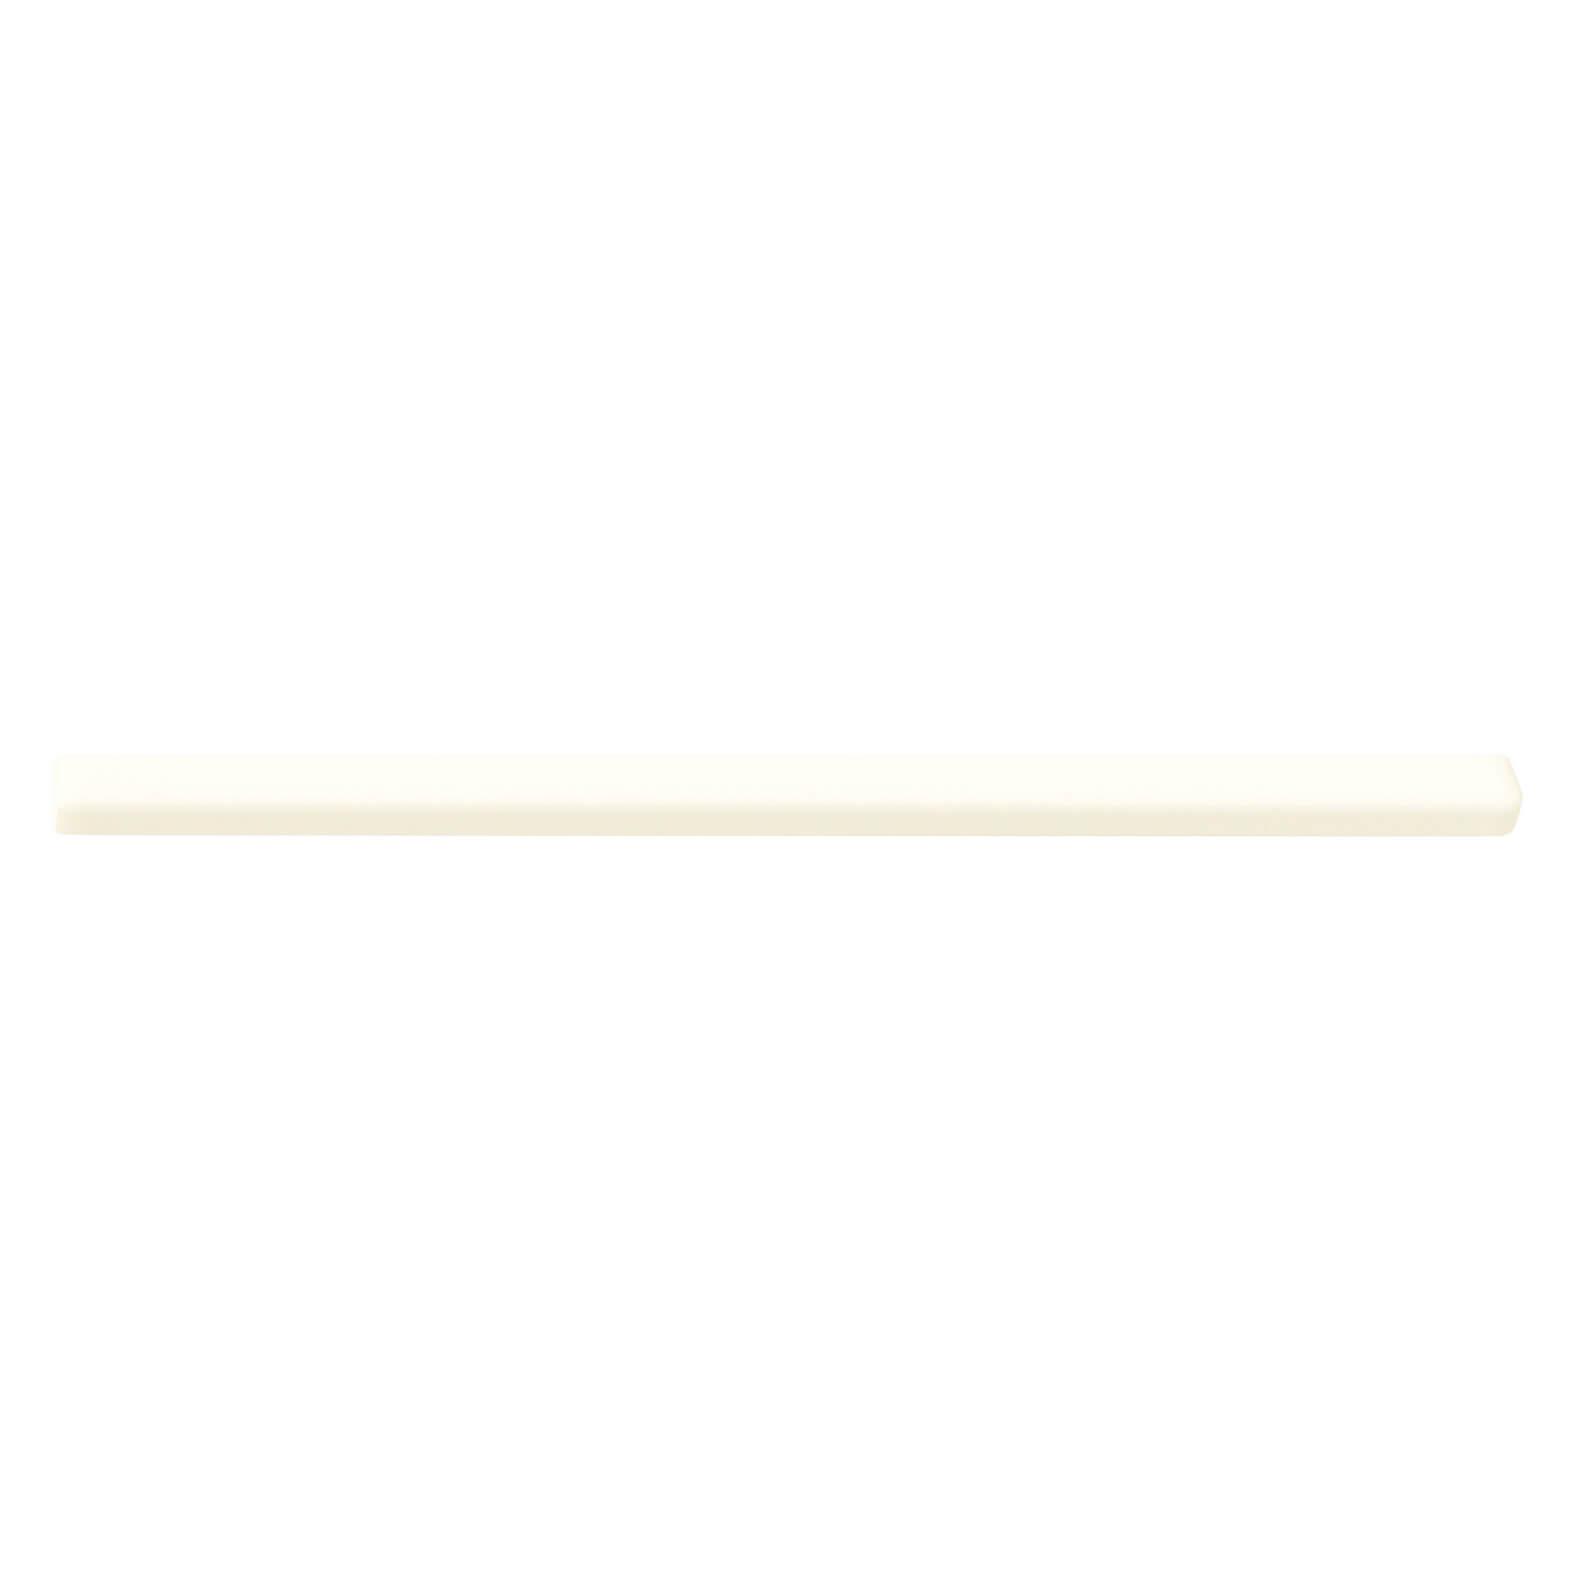 ADST5176 - BULLNOSE TRIM - 0.75 cm X 19.8 cm